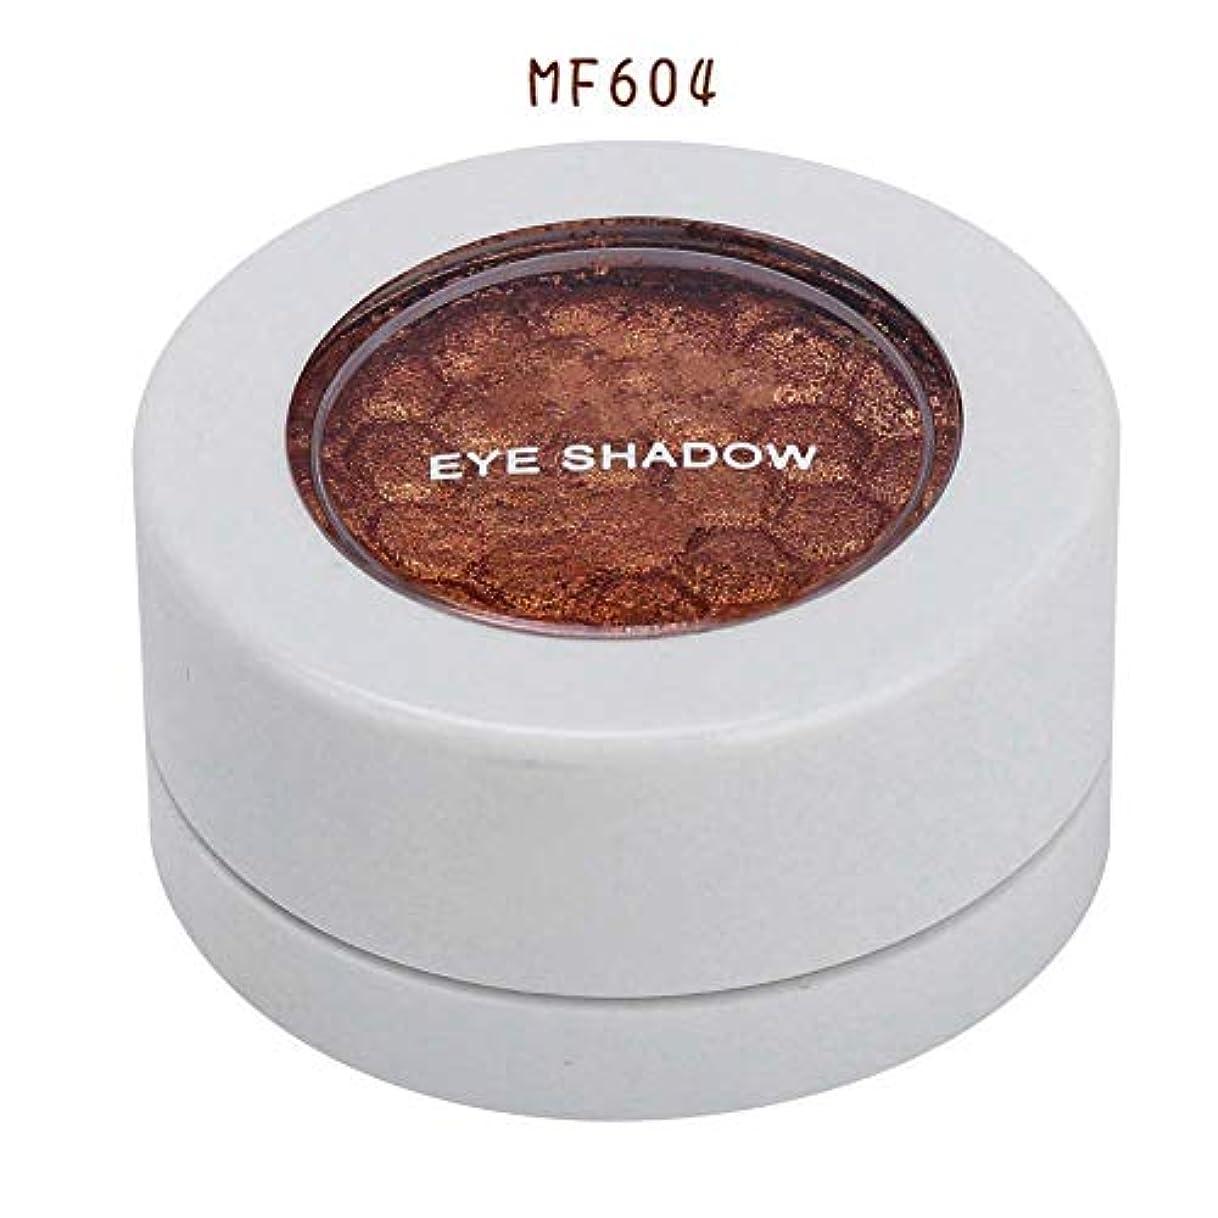 返済サイトポール4色 アイシャドウパレット アイシャドウパレット 化粧品ツール 化粧マットグロス アイシャドウパウダー (MF604)